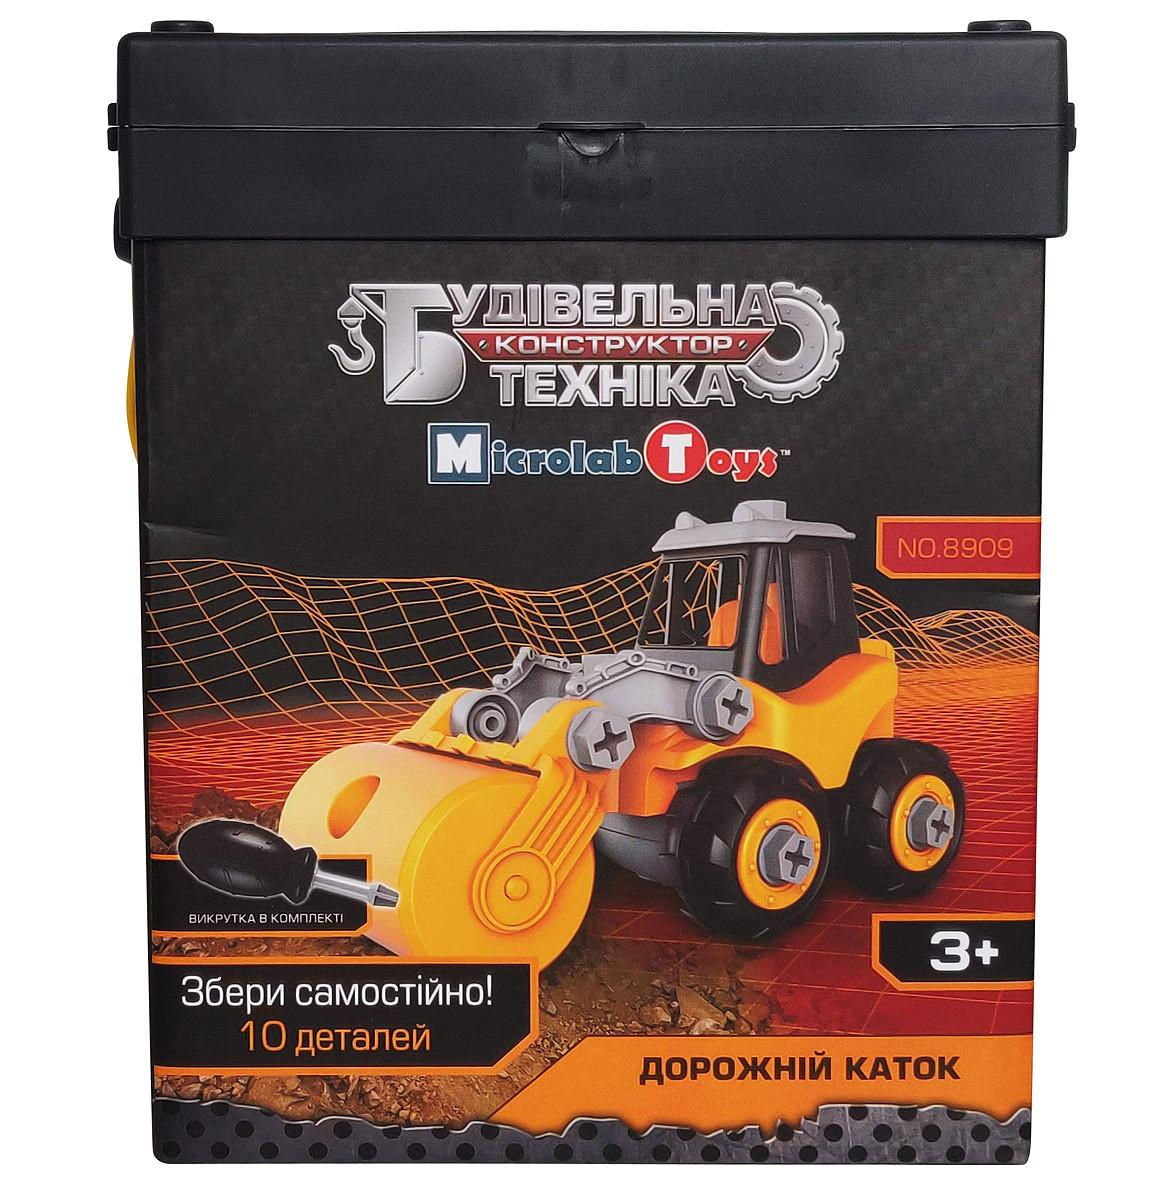 Развивающий конструктор Дорожный каток ТМ Будівельна техніка Microlab Toys (MT8909)